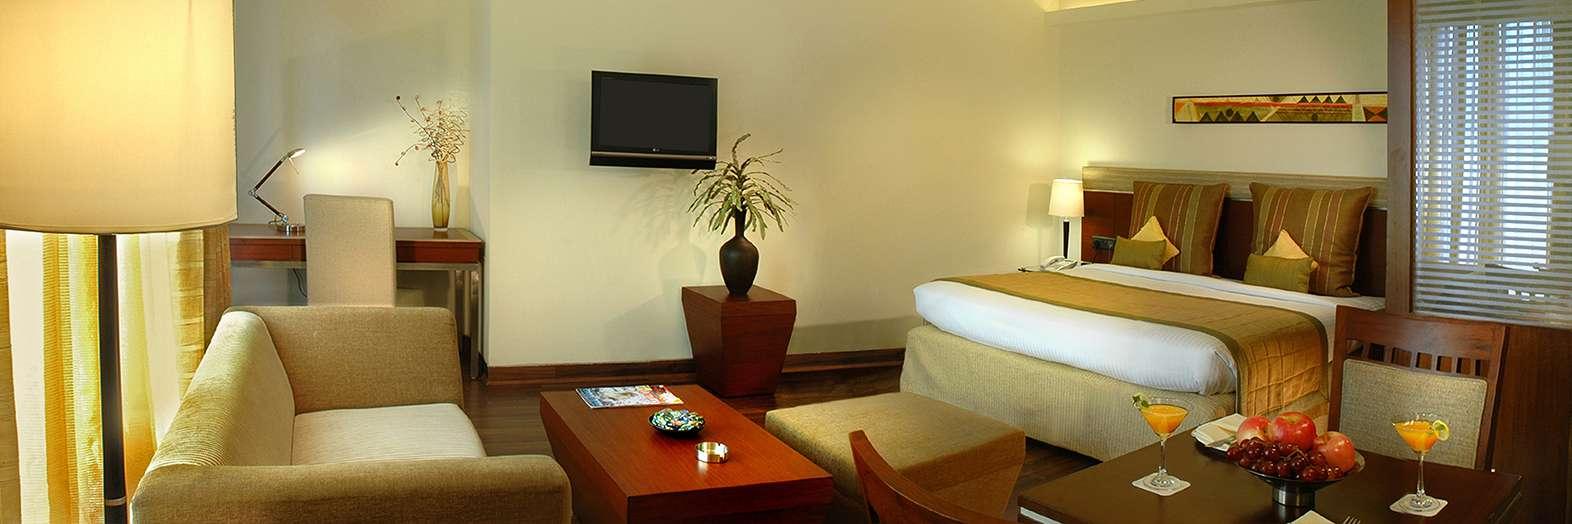 Fortune Inn Jukaso – Hotels in Pune  Room